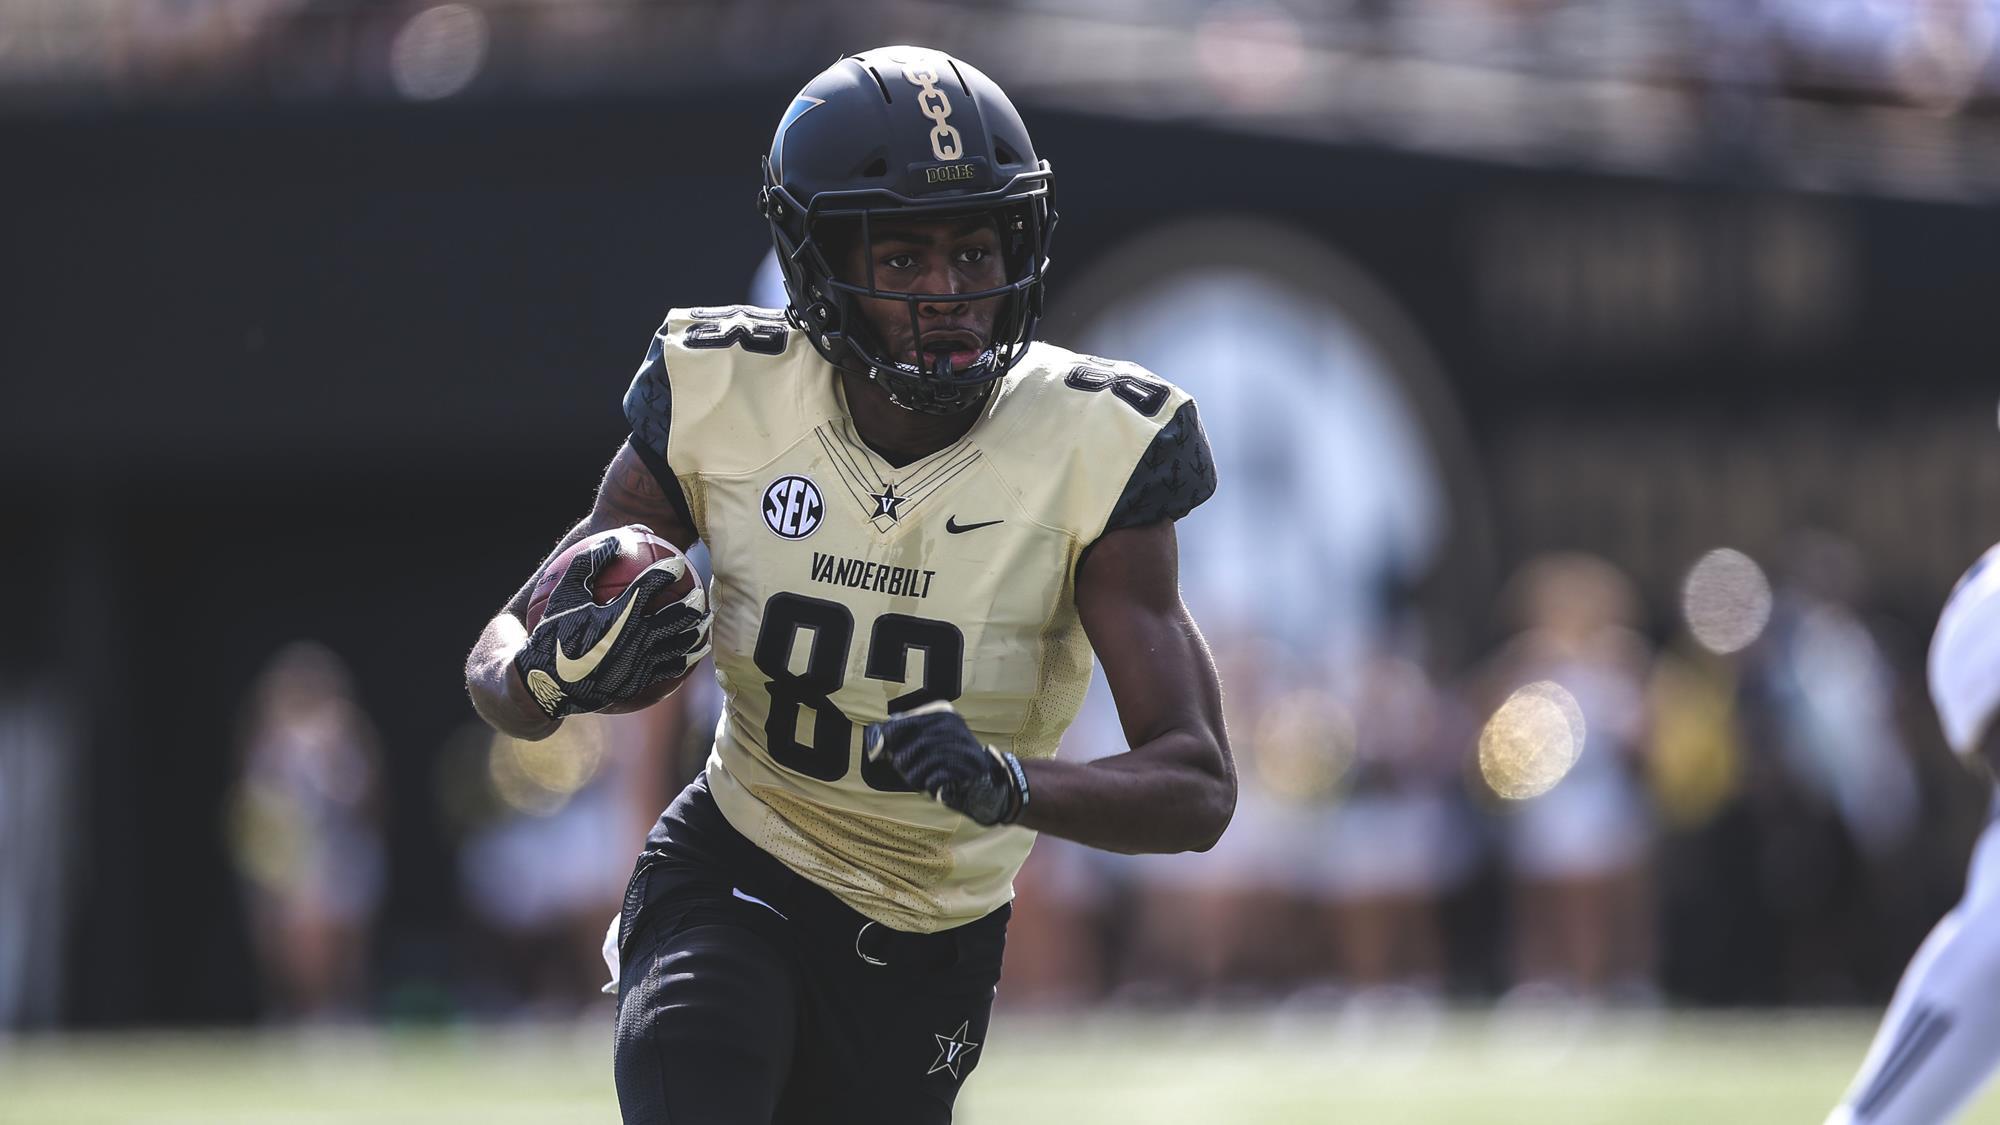 d8f9ca7d2 C.J. Bolar - Football - Vanderbilt University Athletics